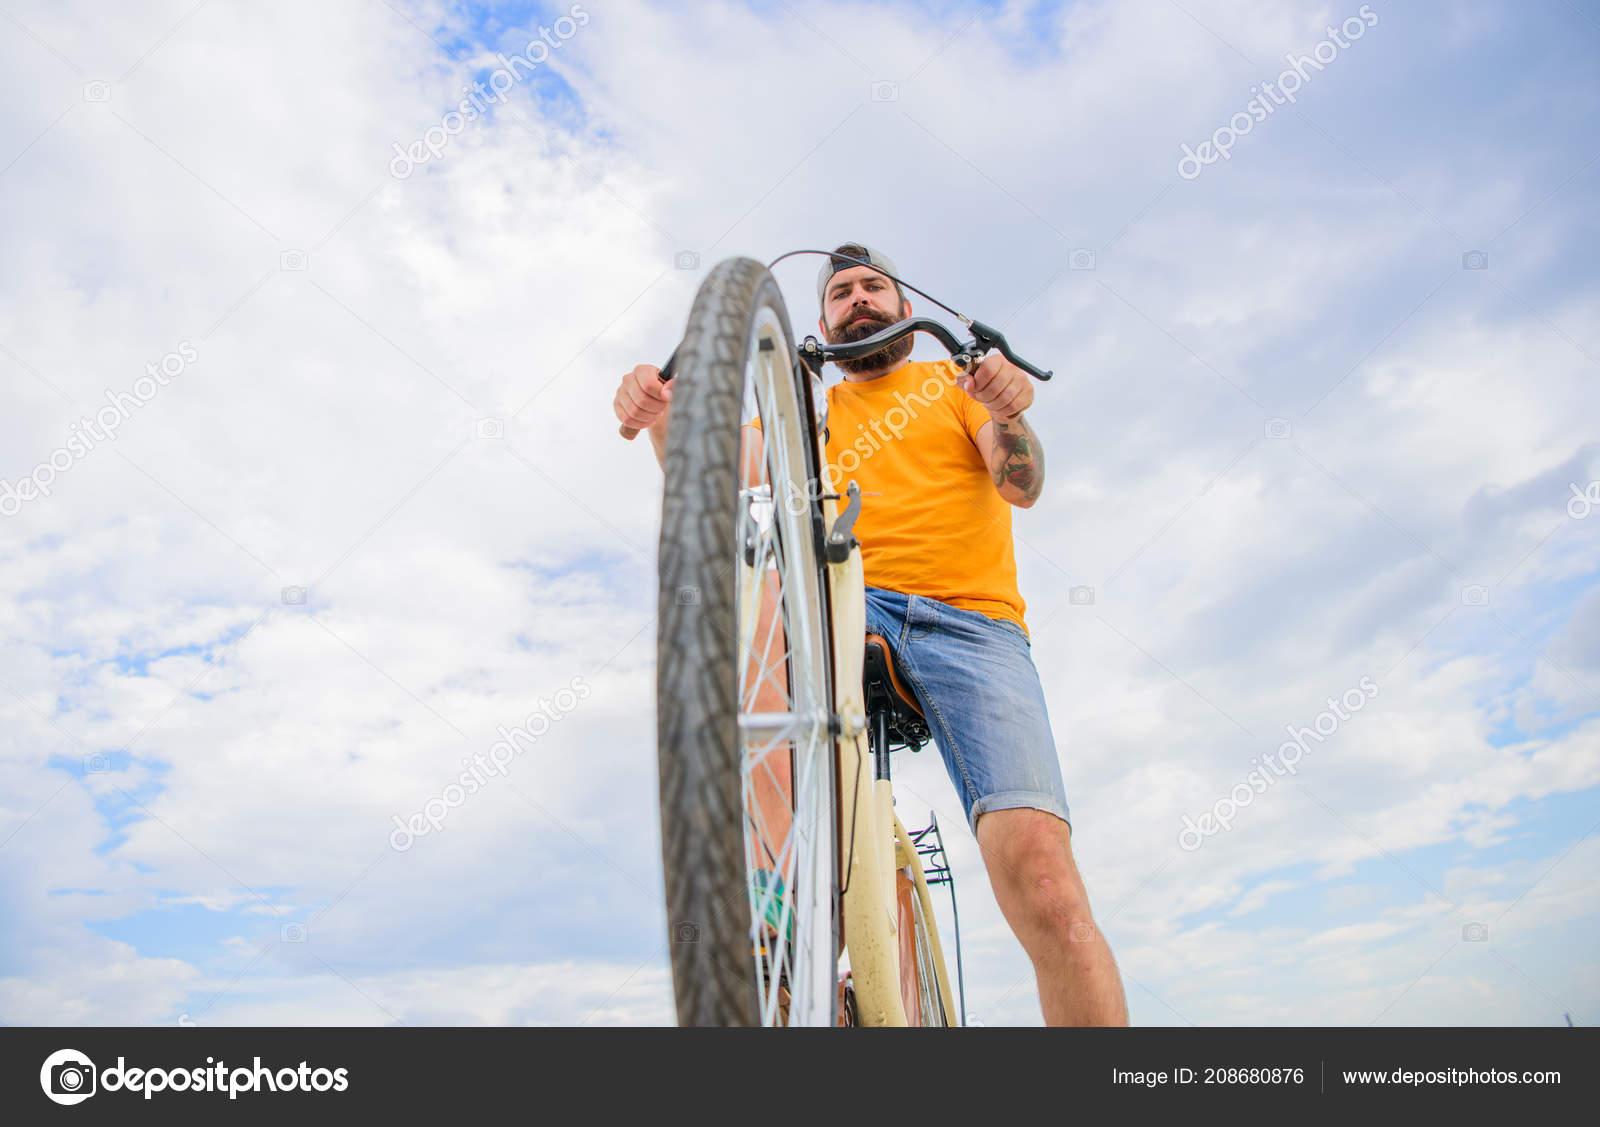 Ruote bici guida all acquisto uomo barbuto hipster gite in